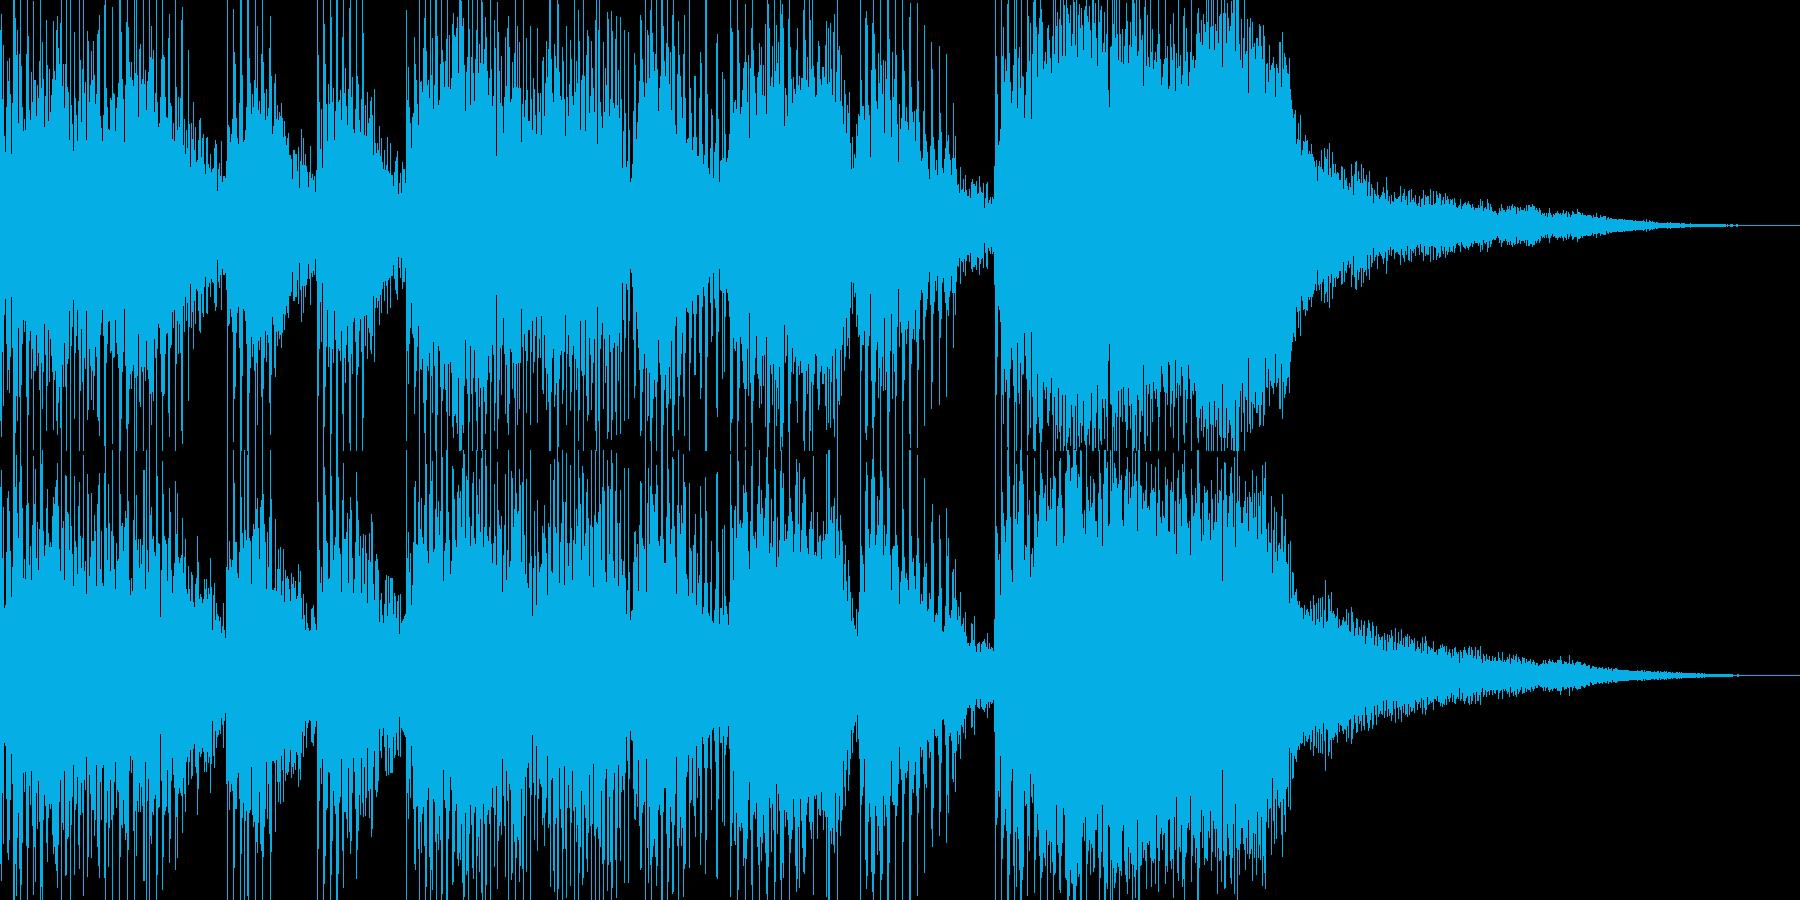 発展ジングル(5sec)の再生済みの波形